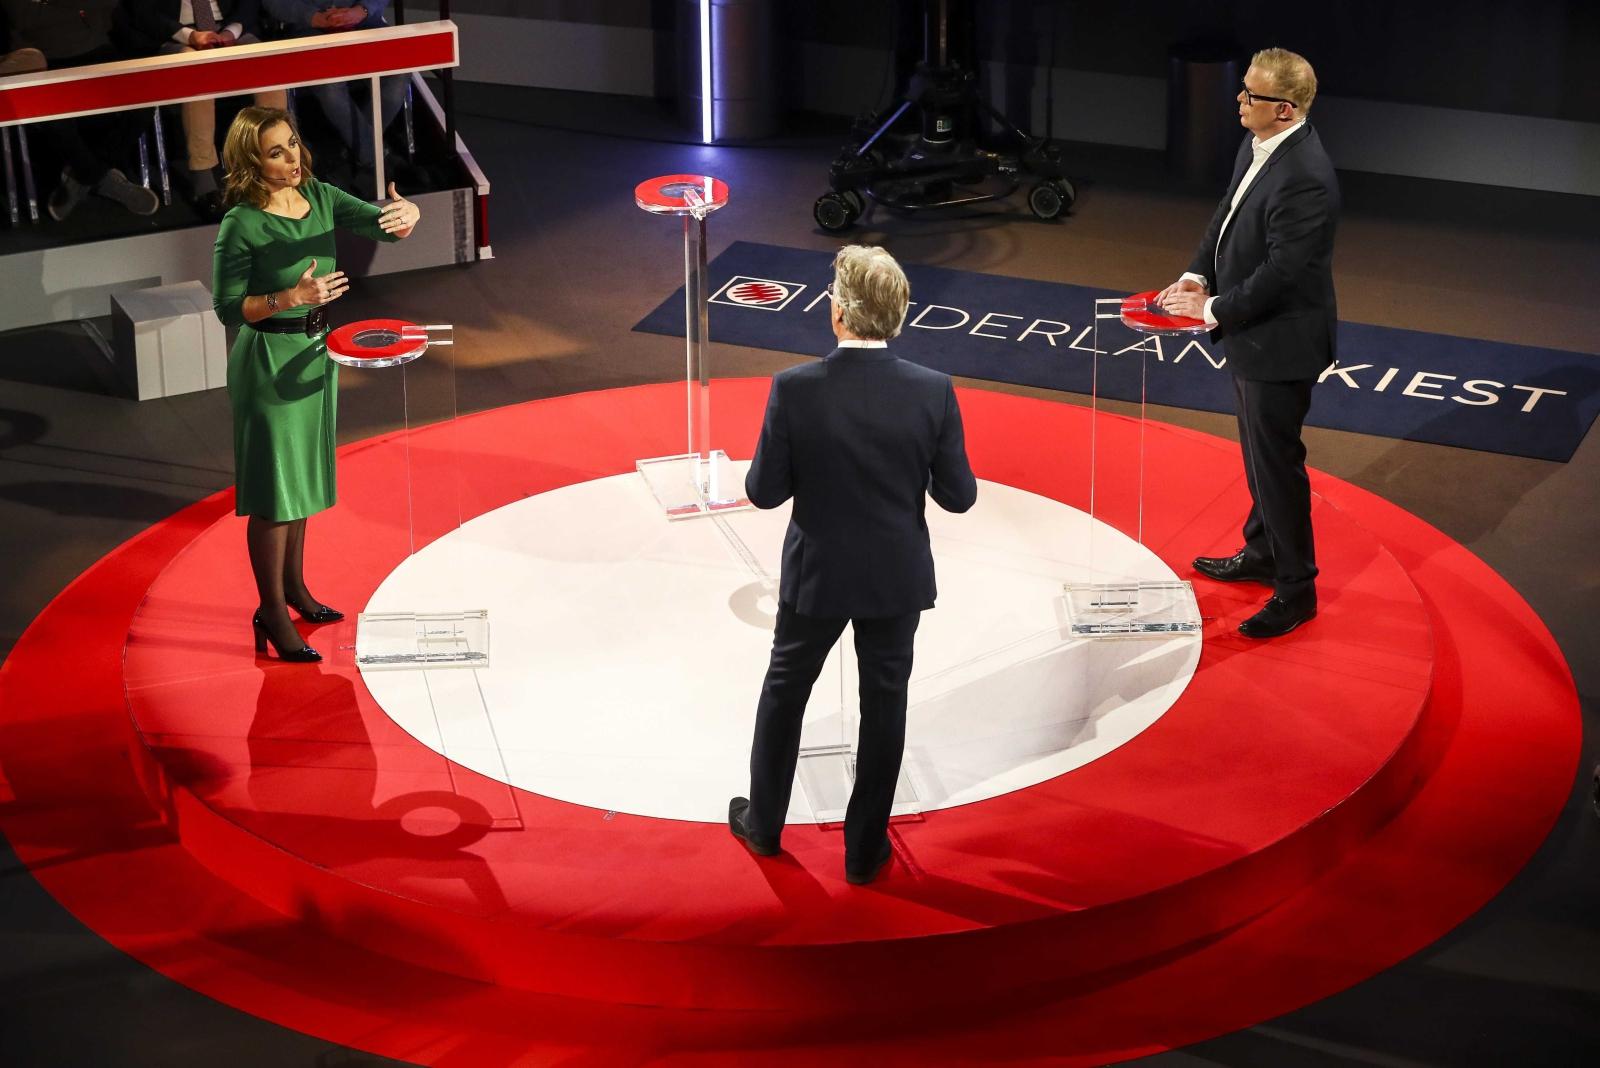 Debata między przedstawicielami partii politycznych przed jutrzejszymi wyborami parlamentarnymi w Holandii.,